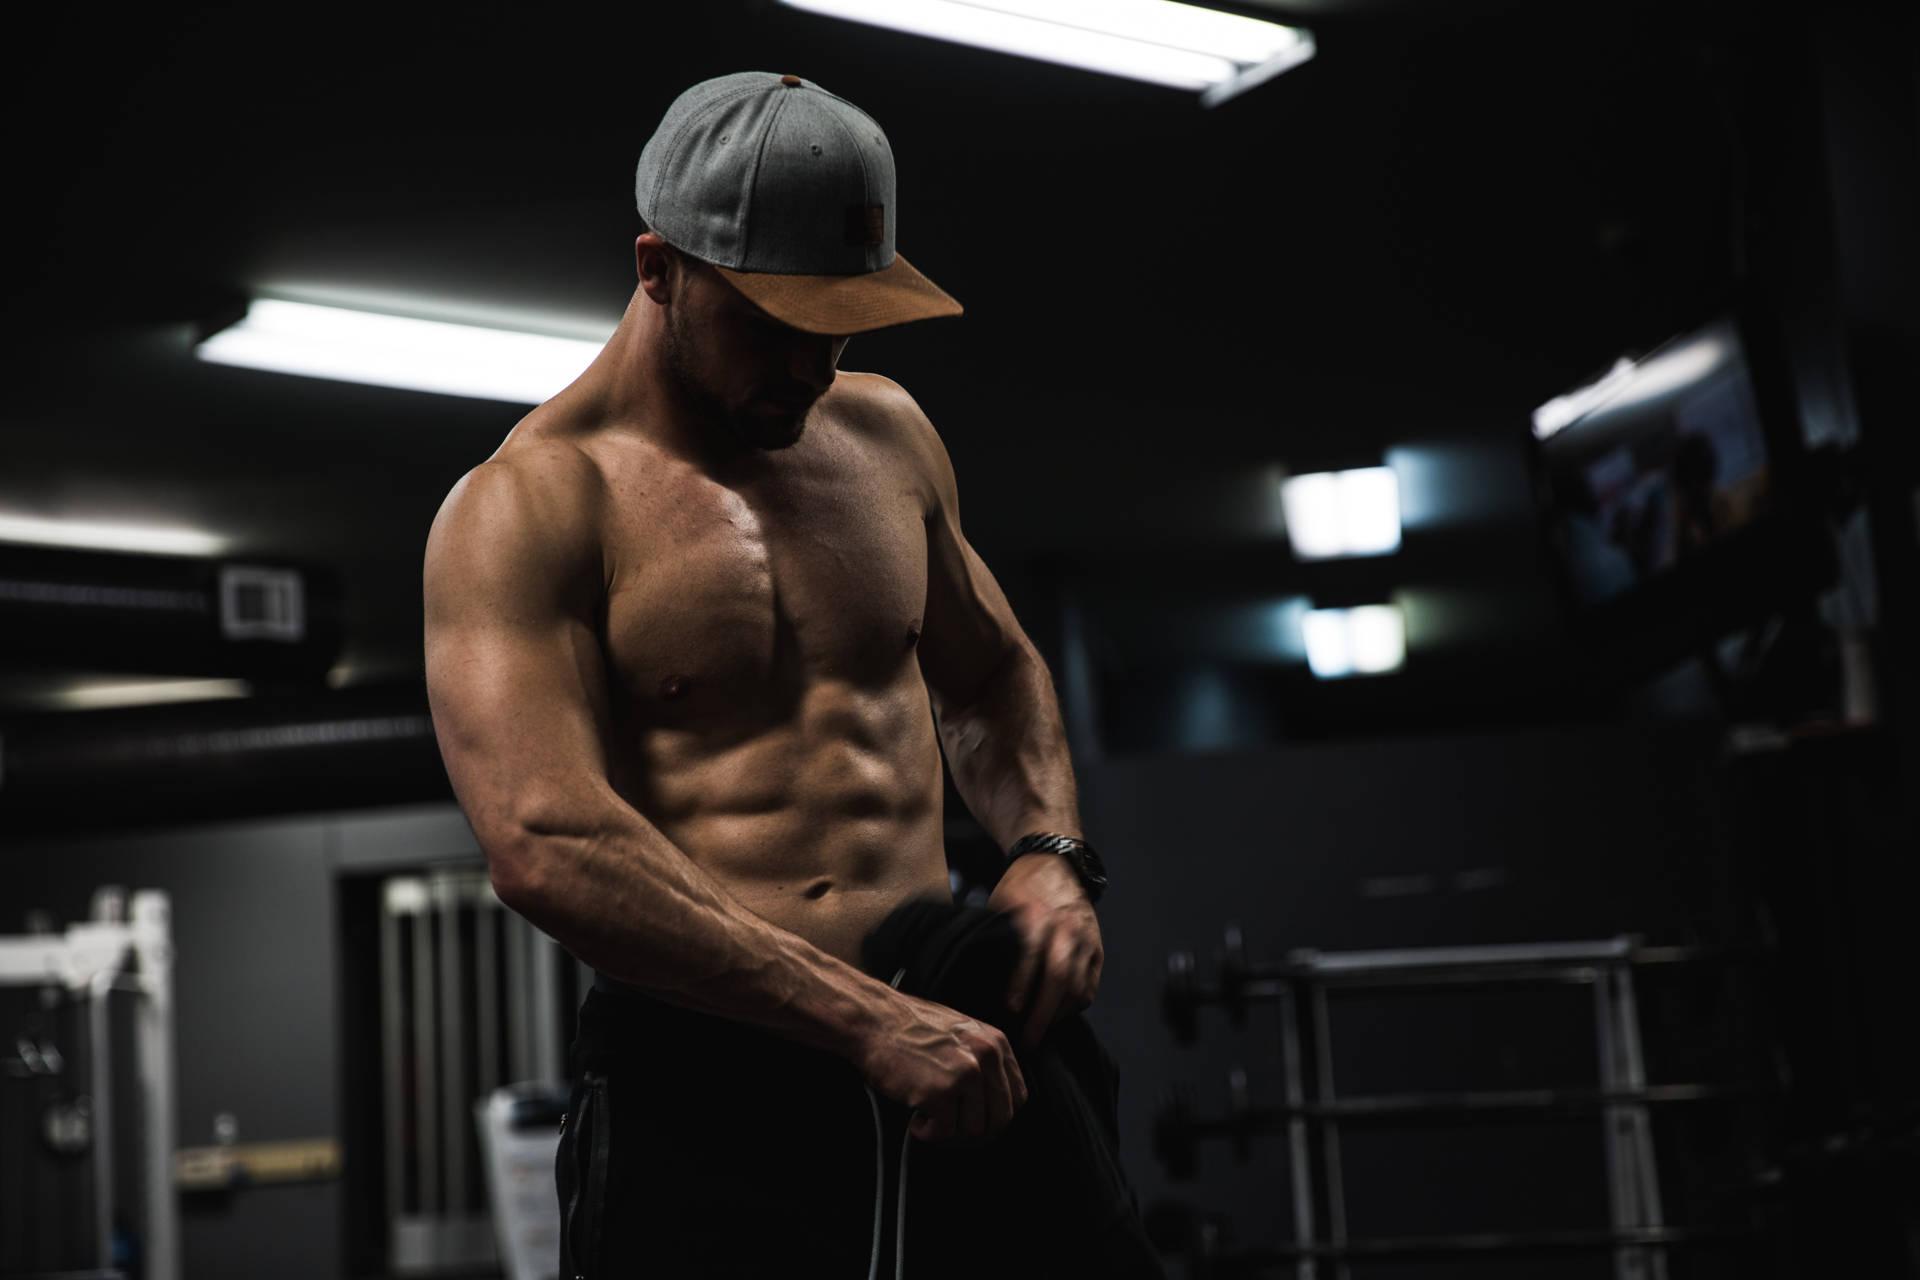 Fare massa a corpo libero: ecco alcuni consigli utili